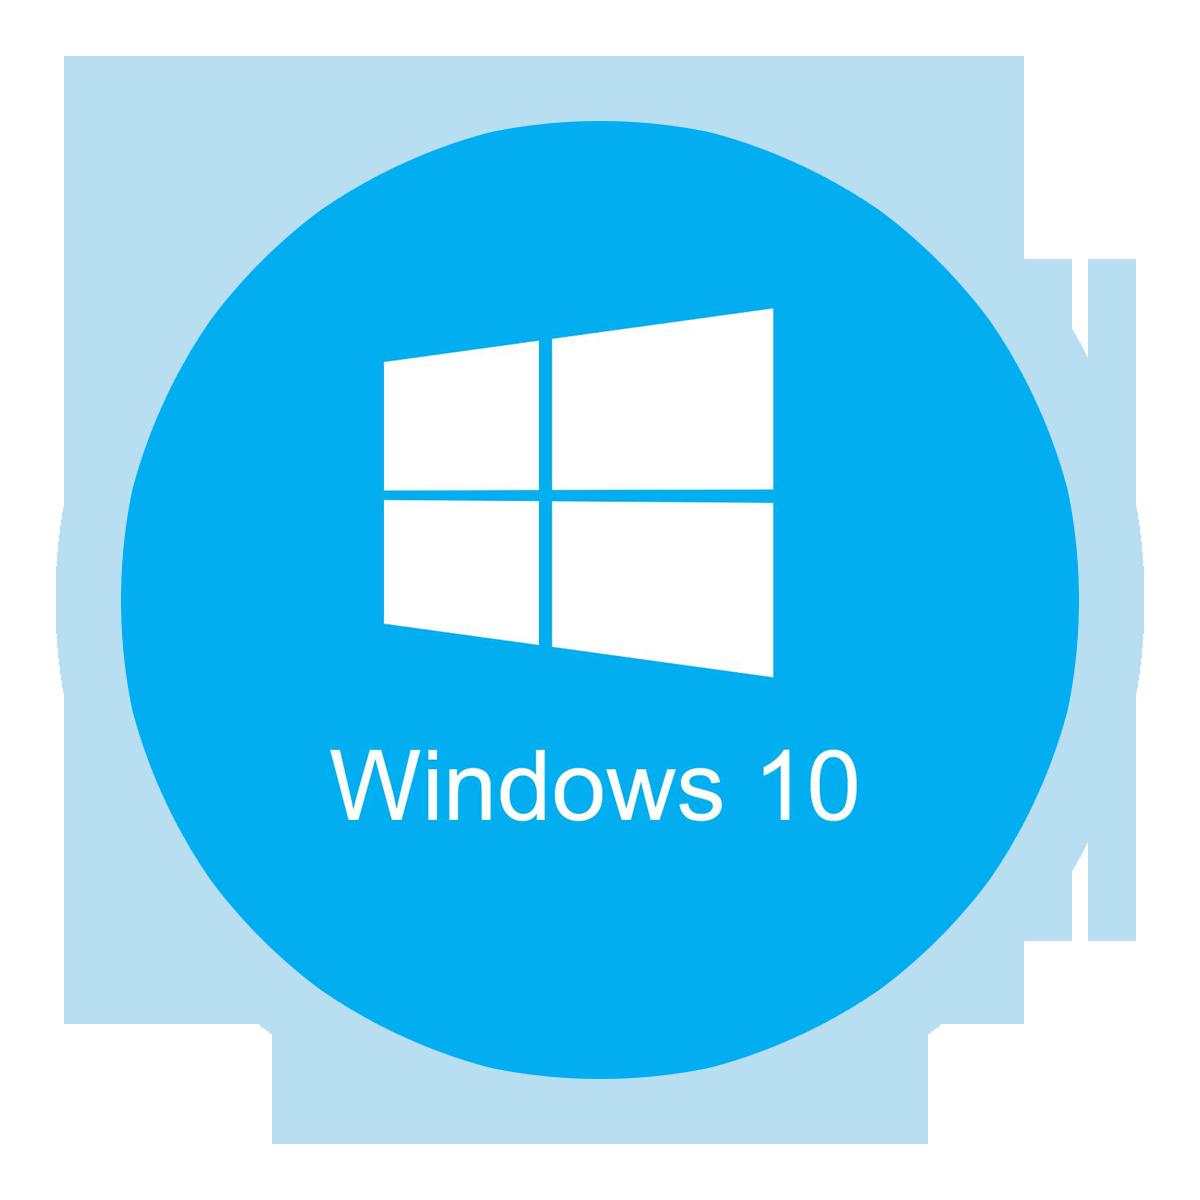 Microsoft proroga di sei mesi la fine del supporto alle vecchie versioni di Windows 10